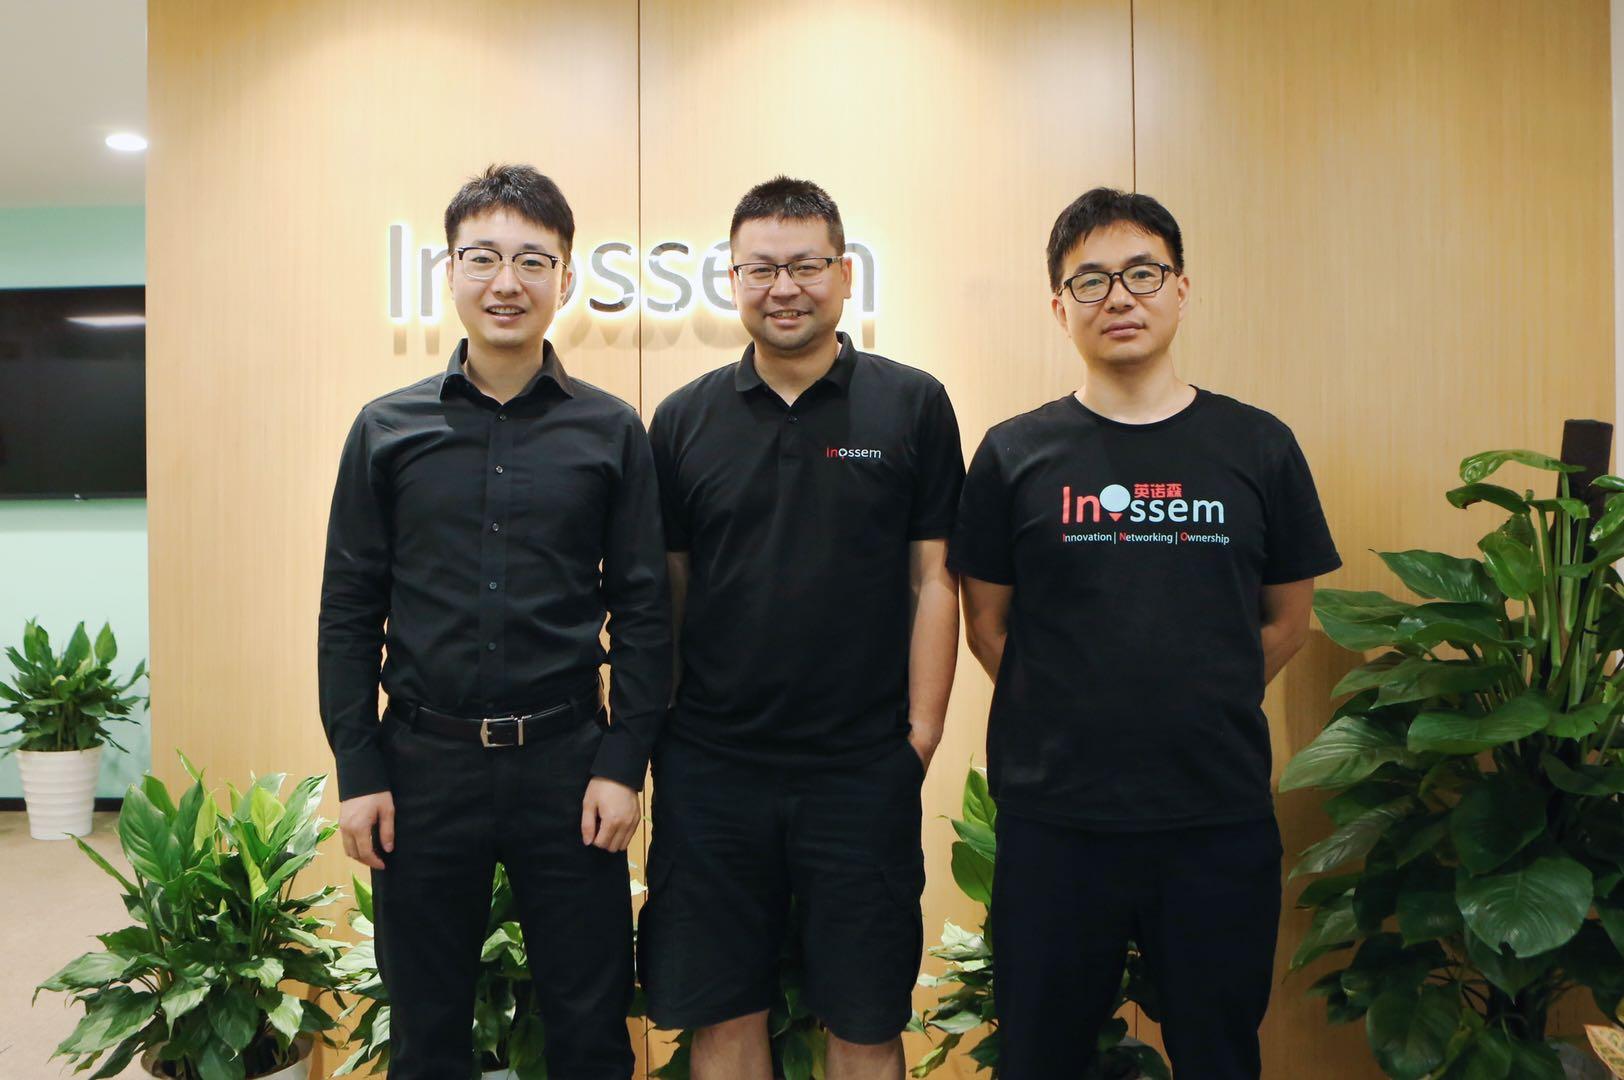 专访英诺森(Inossem)胡益、徐志宏:深耕能源行业,通过数字化劳动力和供应链产品支撑企业全生命周期服务